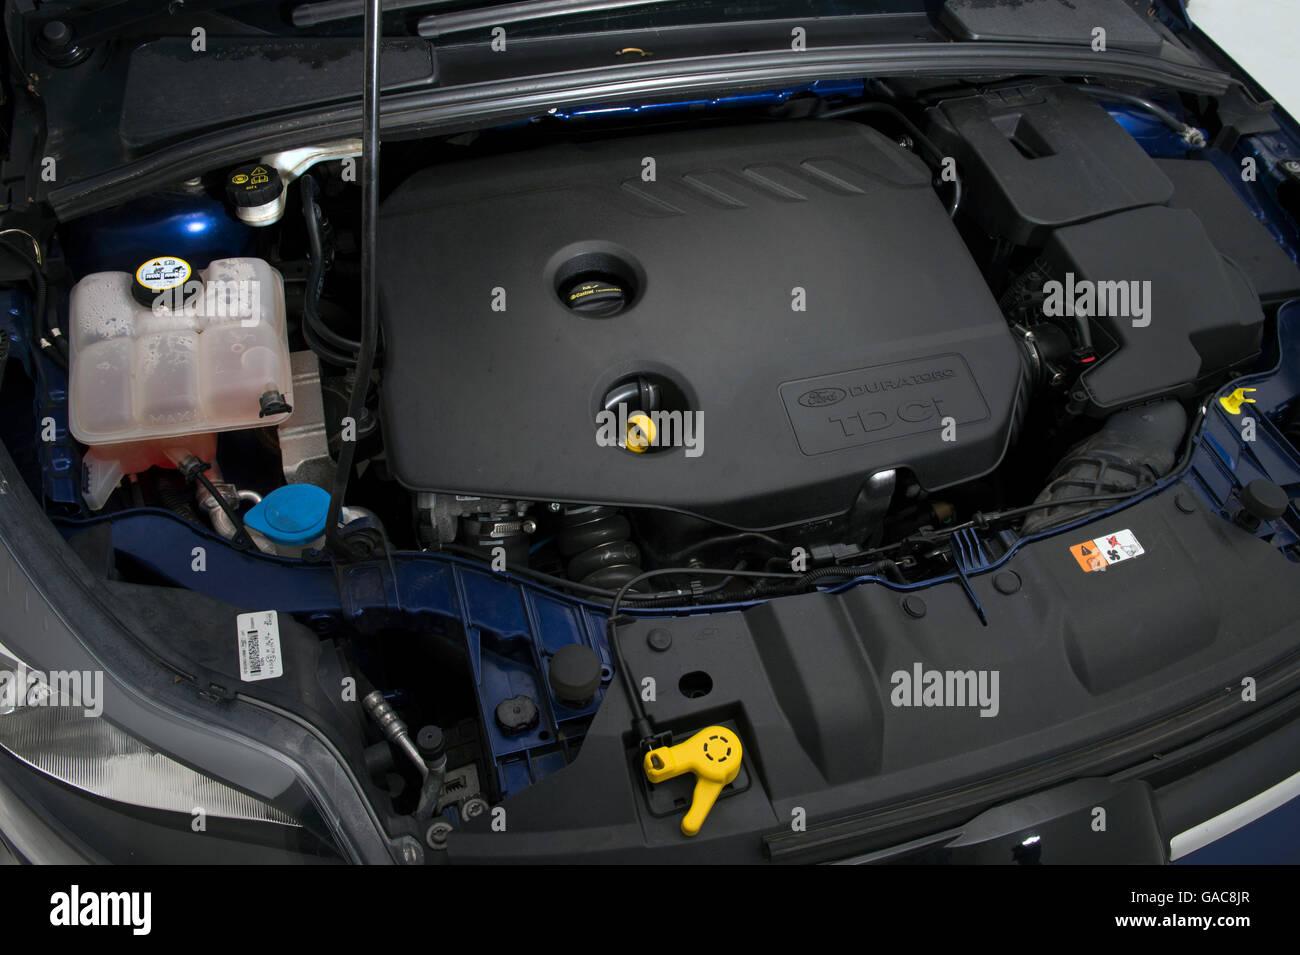 2014 Ford Focus Imagen De Stock